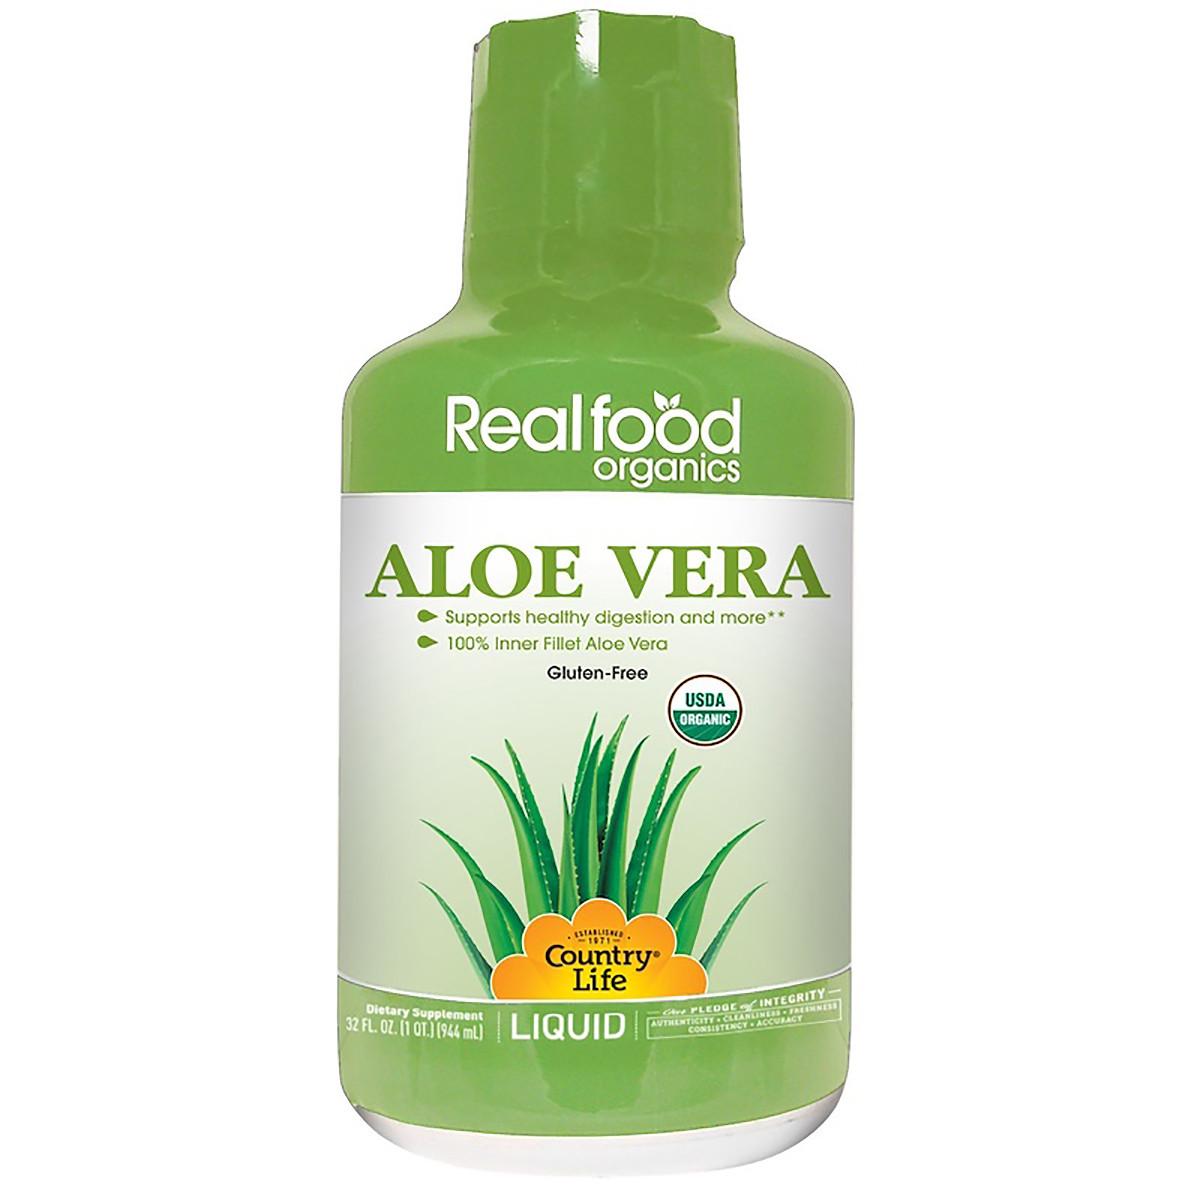 Жидкий Алое Вера, Aloe Vera Liquid, Country Life, 944 мл